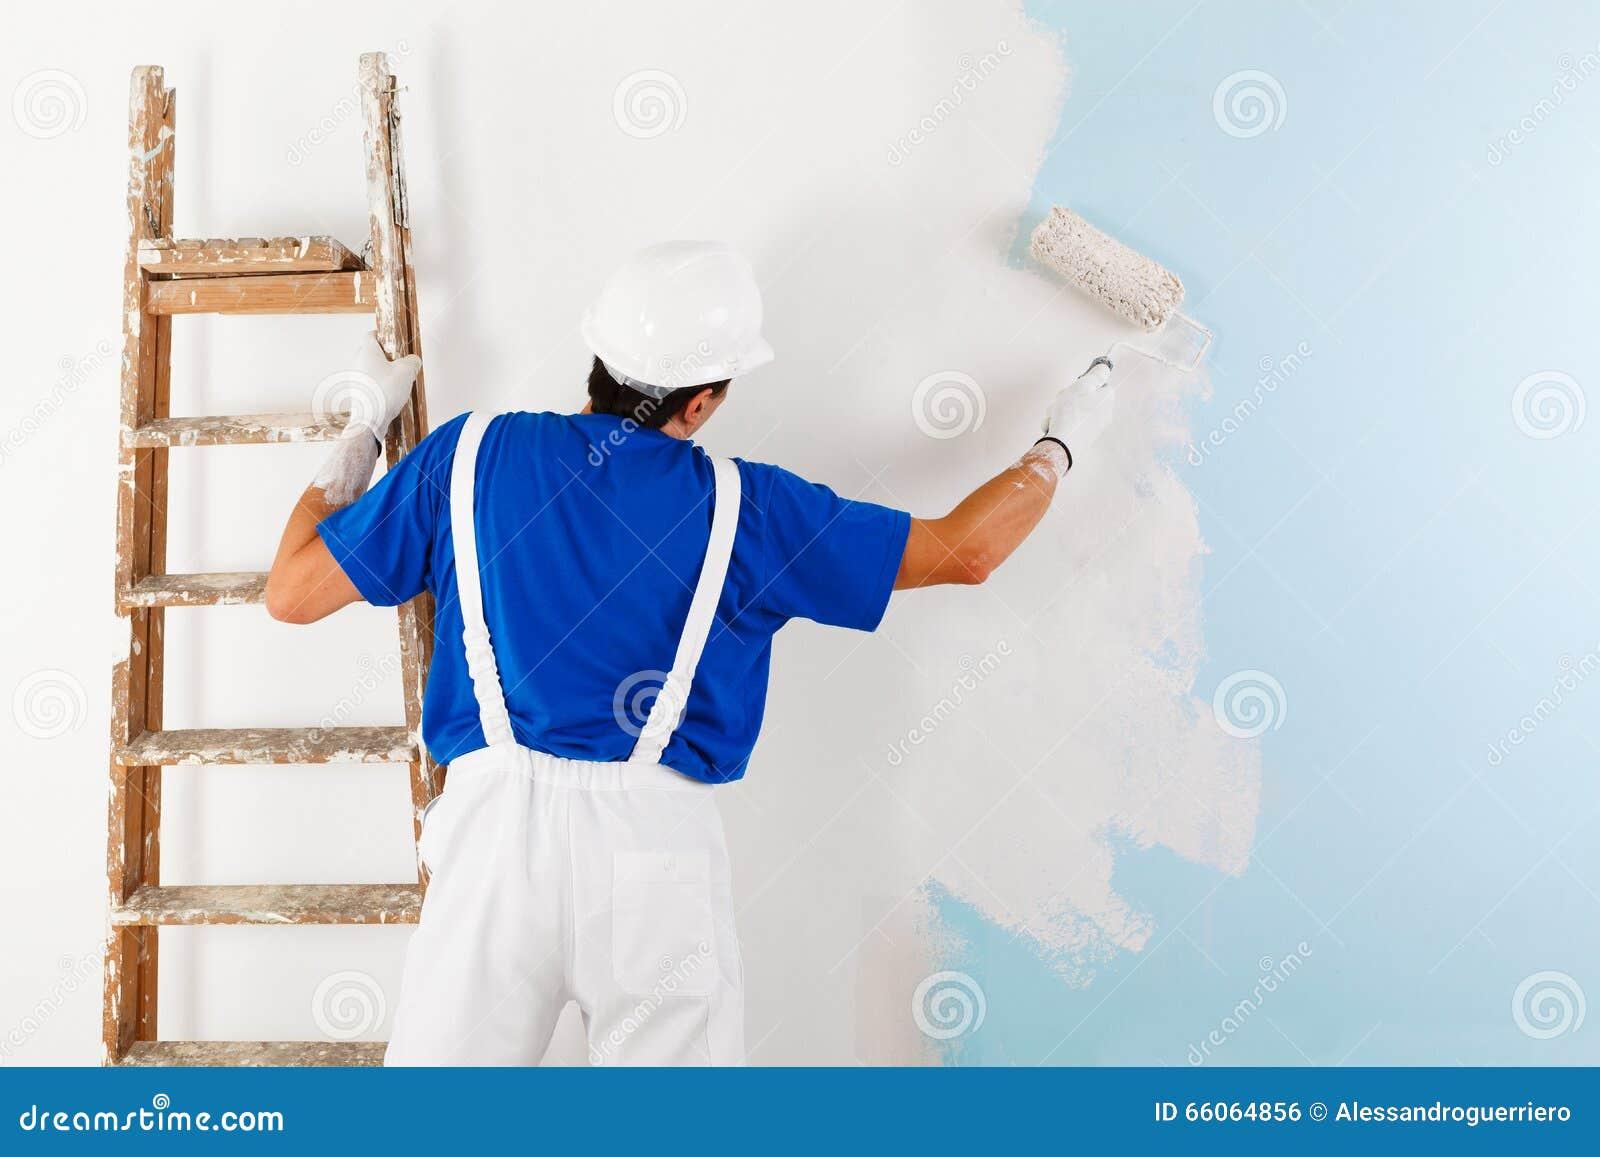 Maler Der Eine Wand Mit Farbenrolle Malt Stockfoto Bild Von Rolle